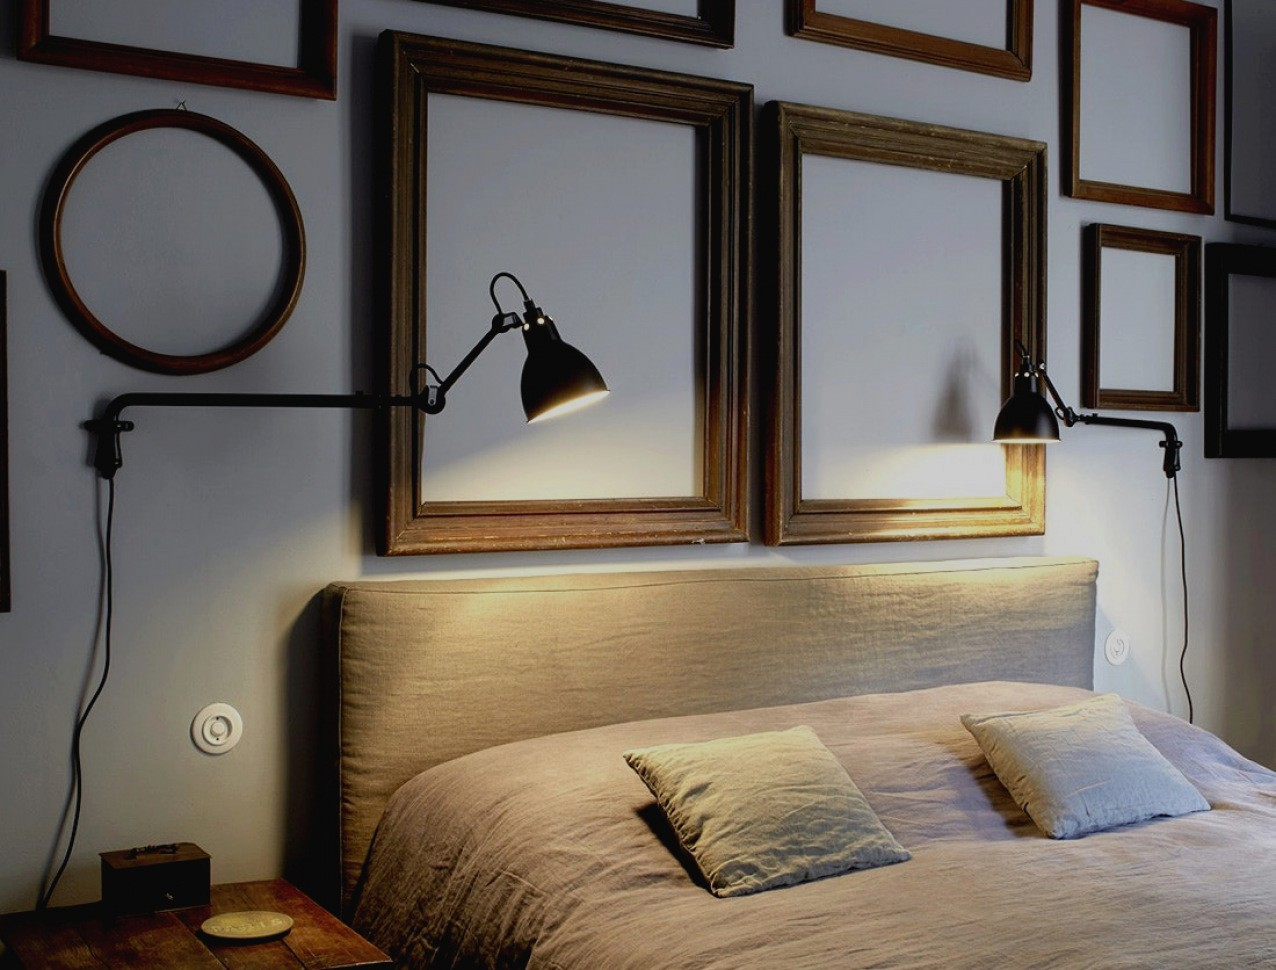 Full Size of Wandlampen Schlafzimmer Schwenkbar Wandtattoos Sessel Landhaus Kommode Weiß Regal Schranksysteme Mit überbau Deckenlampe Deckenleuchte Lampe Loddenkemper Set Schlafzimmer Schlafzimmer Wandlampe